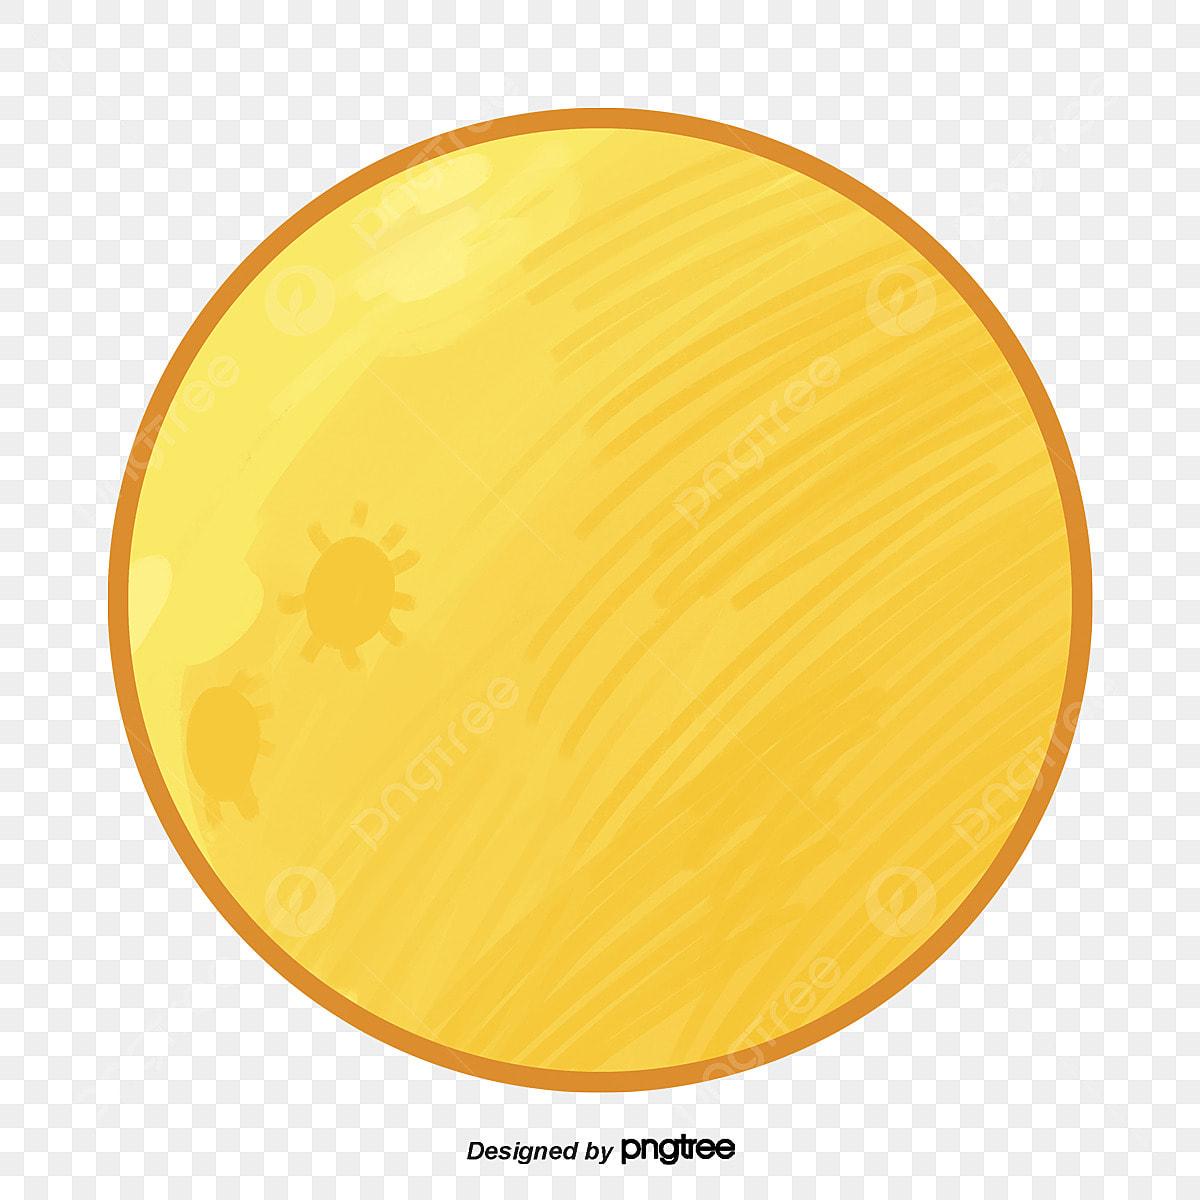 Desenho De Lua Png Vetores Psd E Clipart Para Download Gratuito